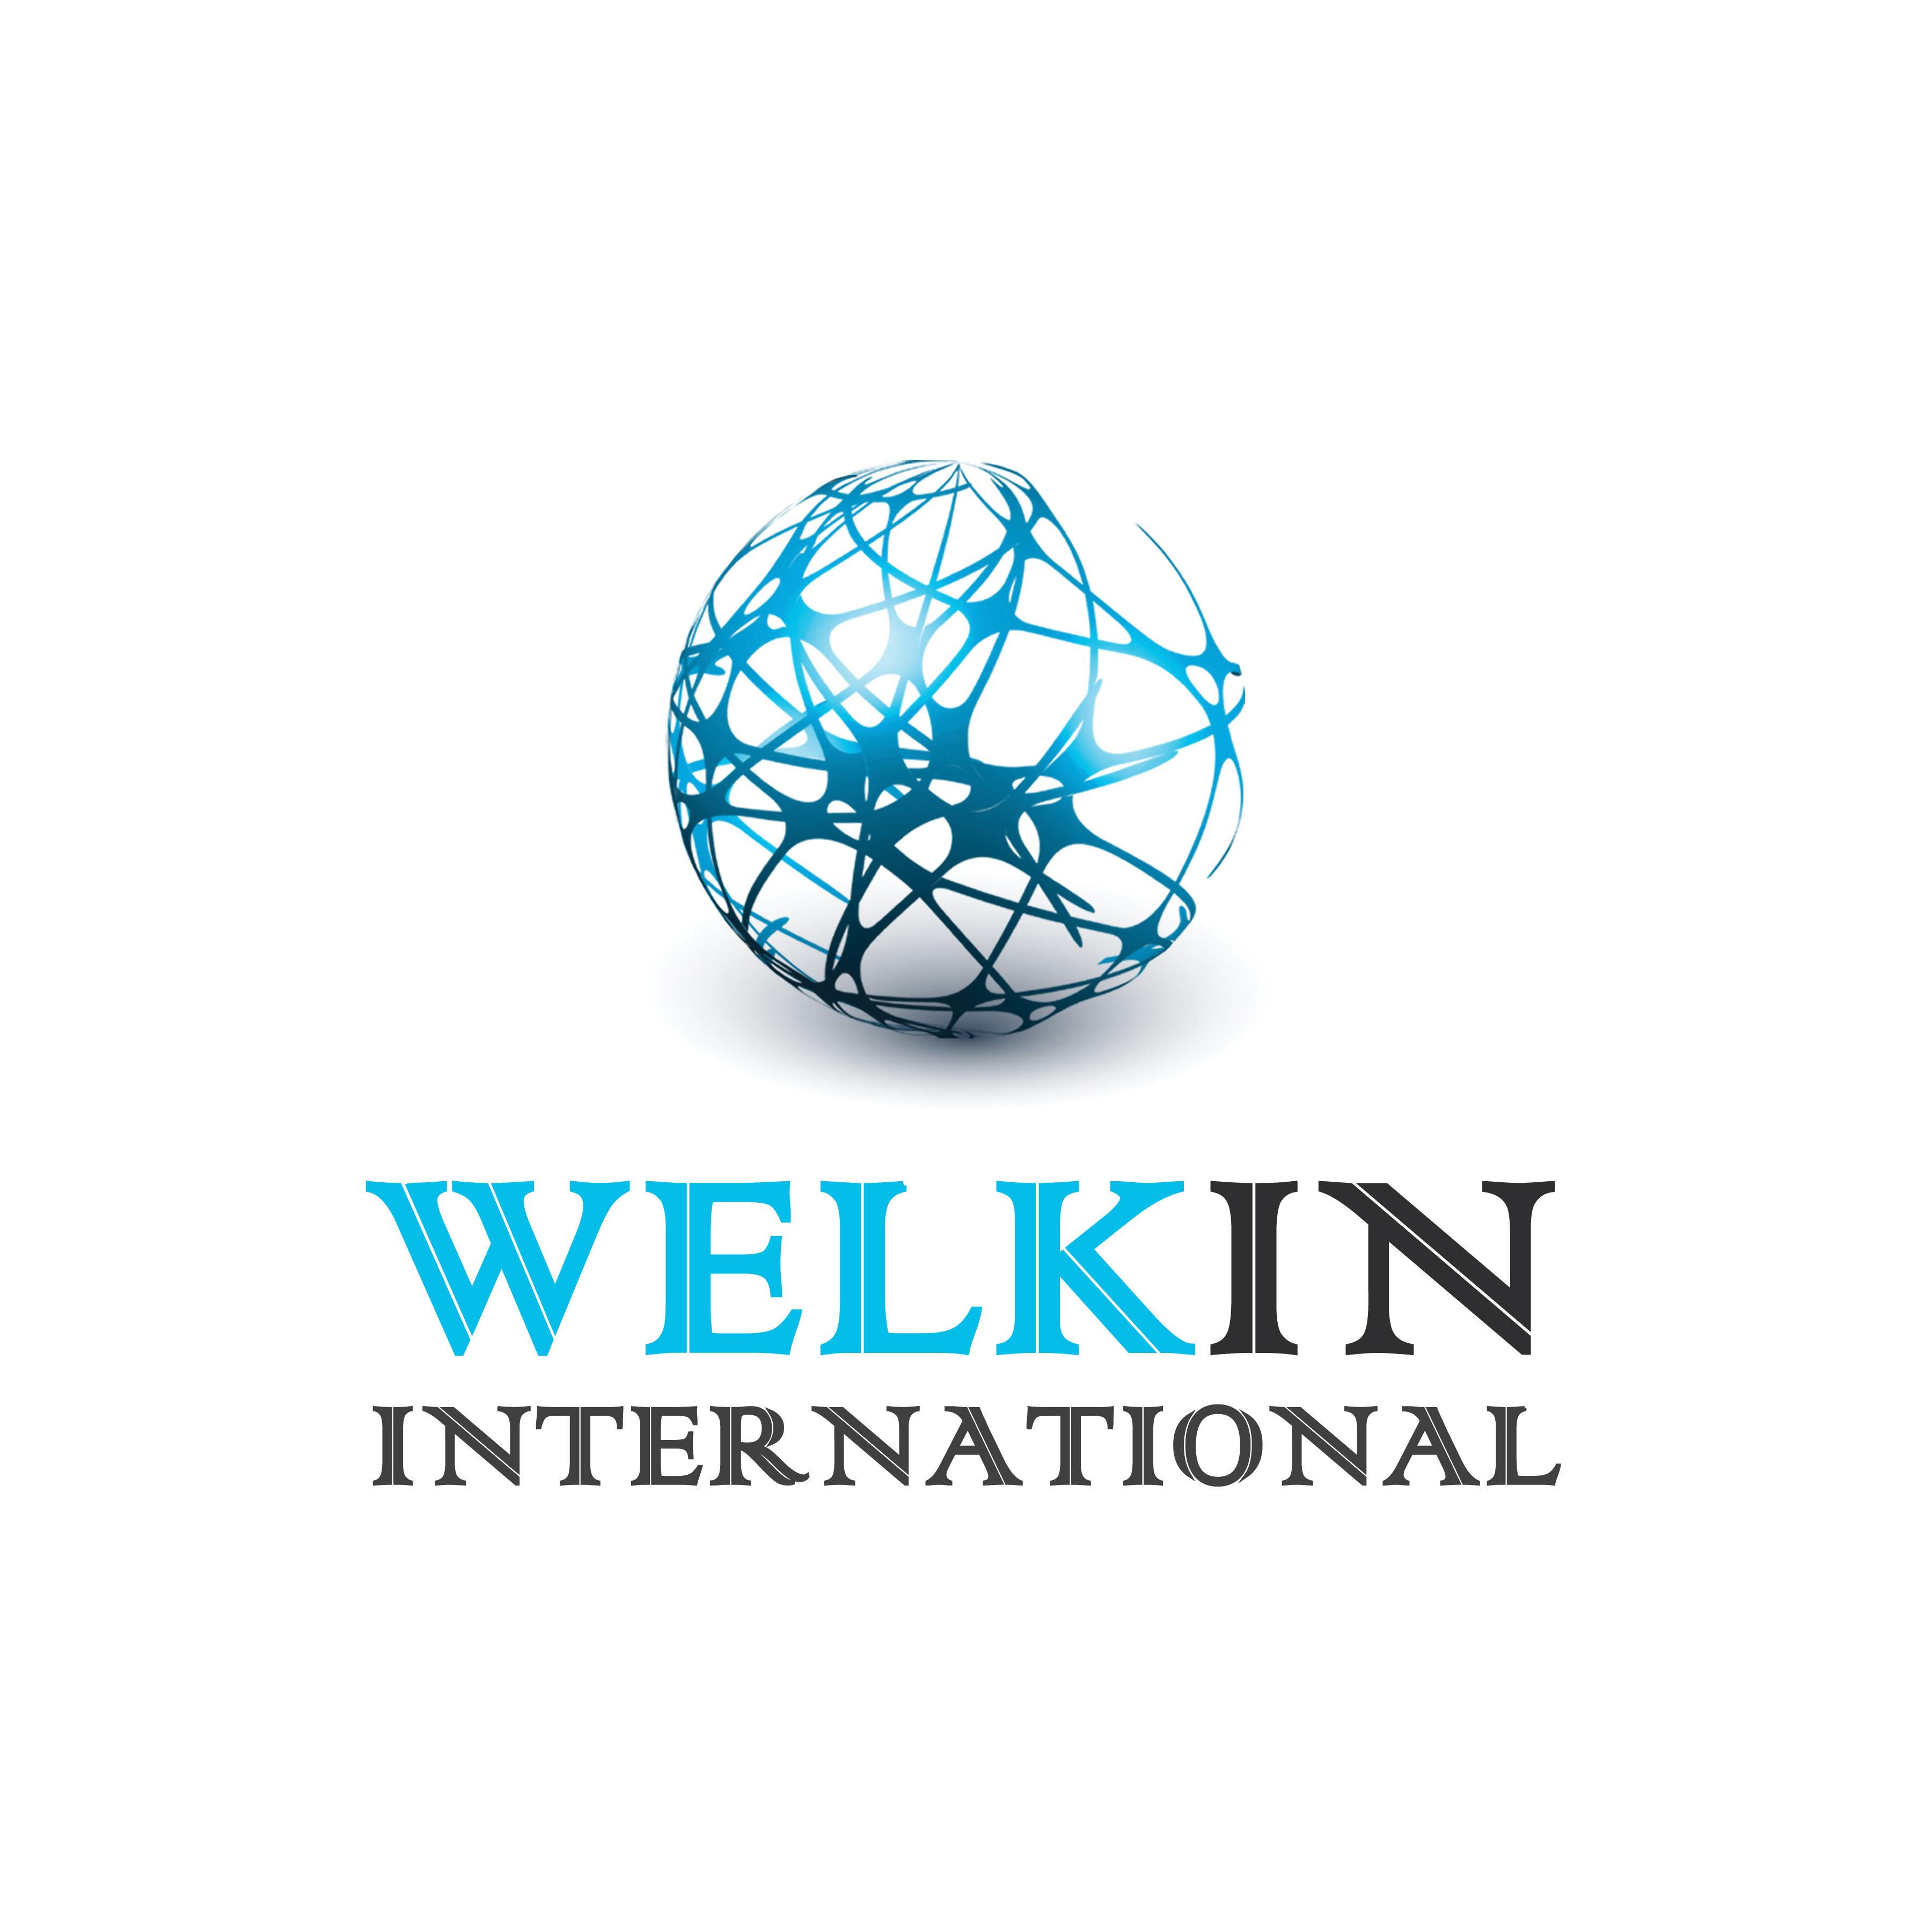 Welkin International